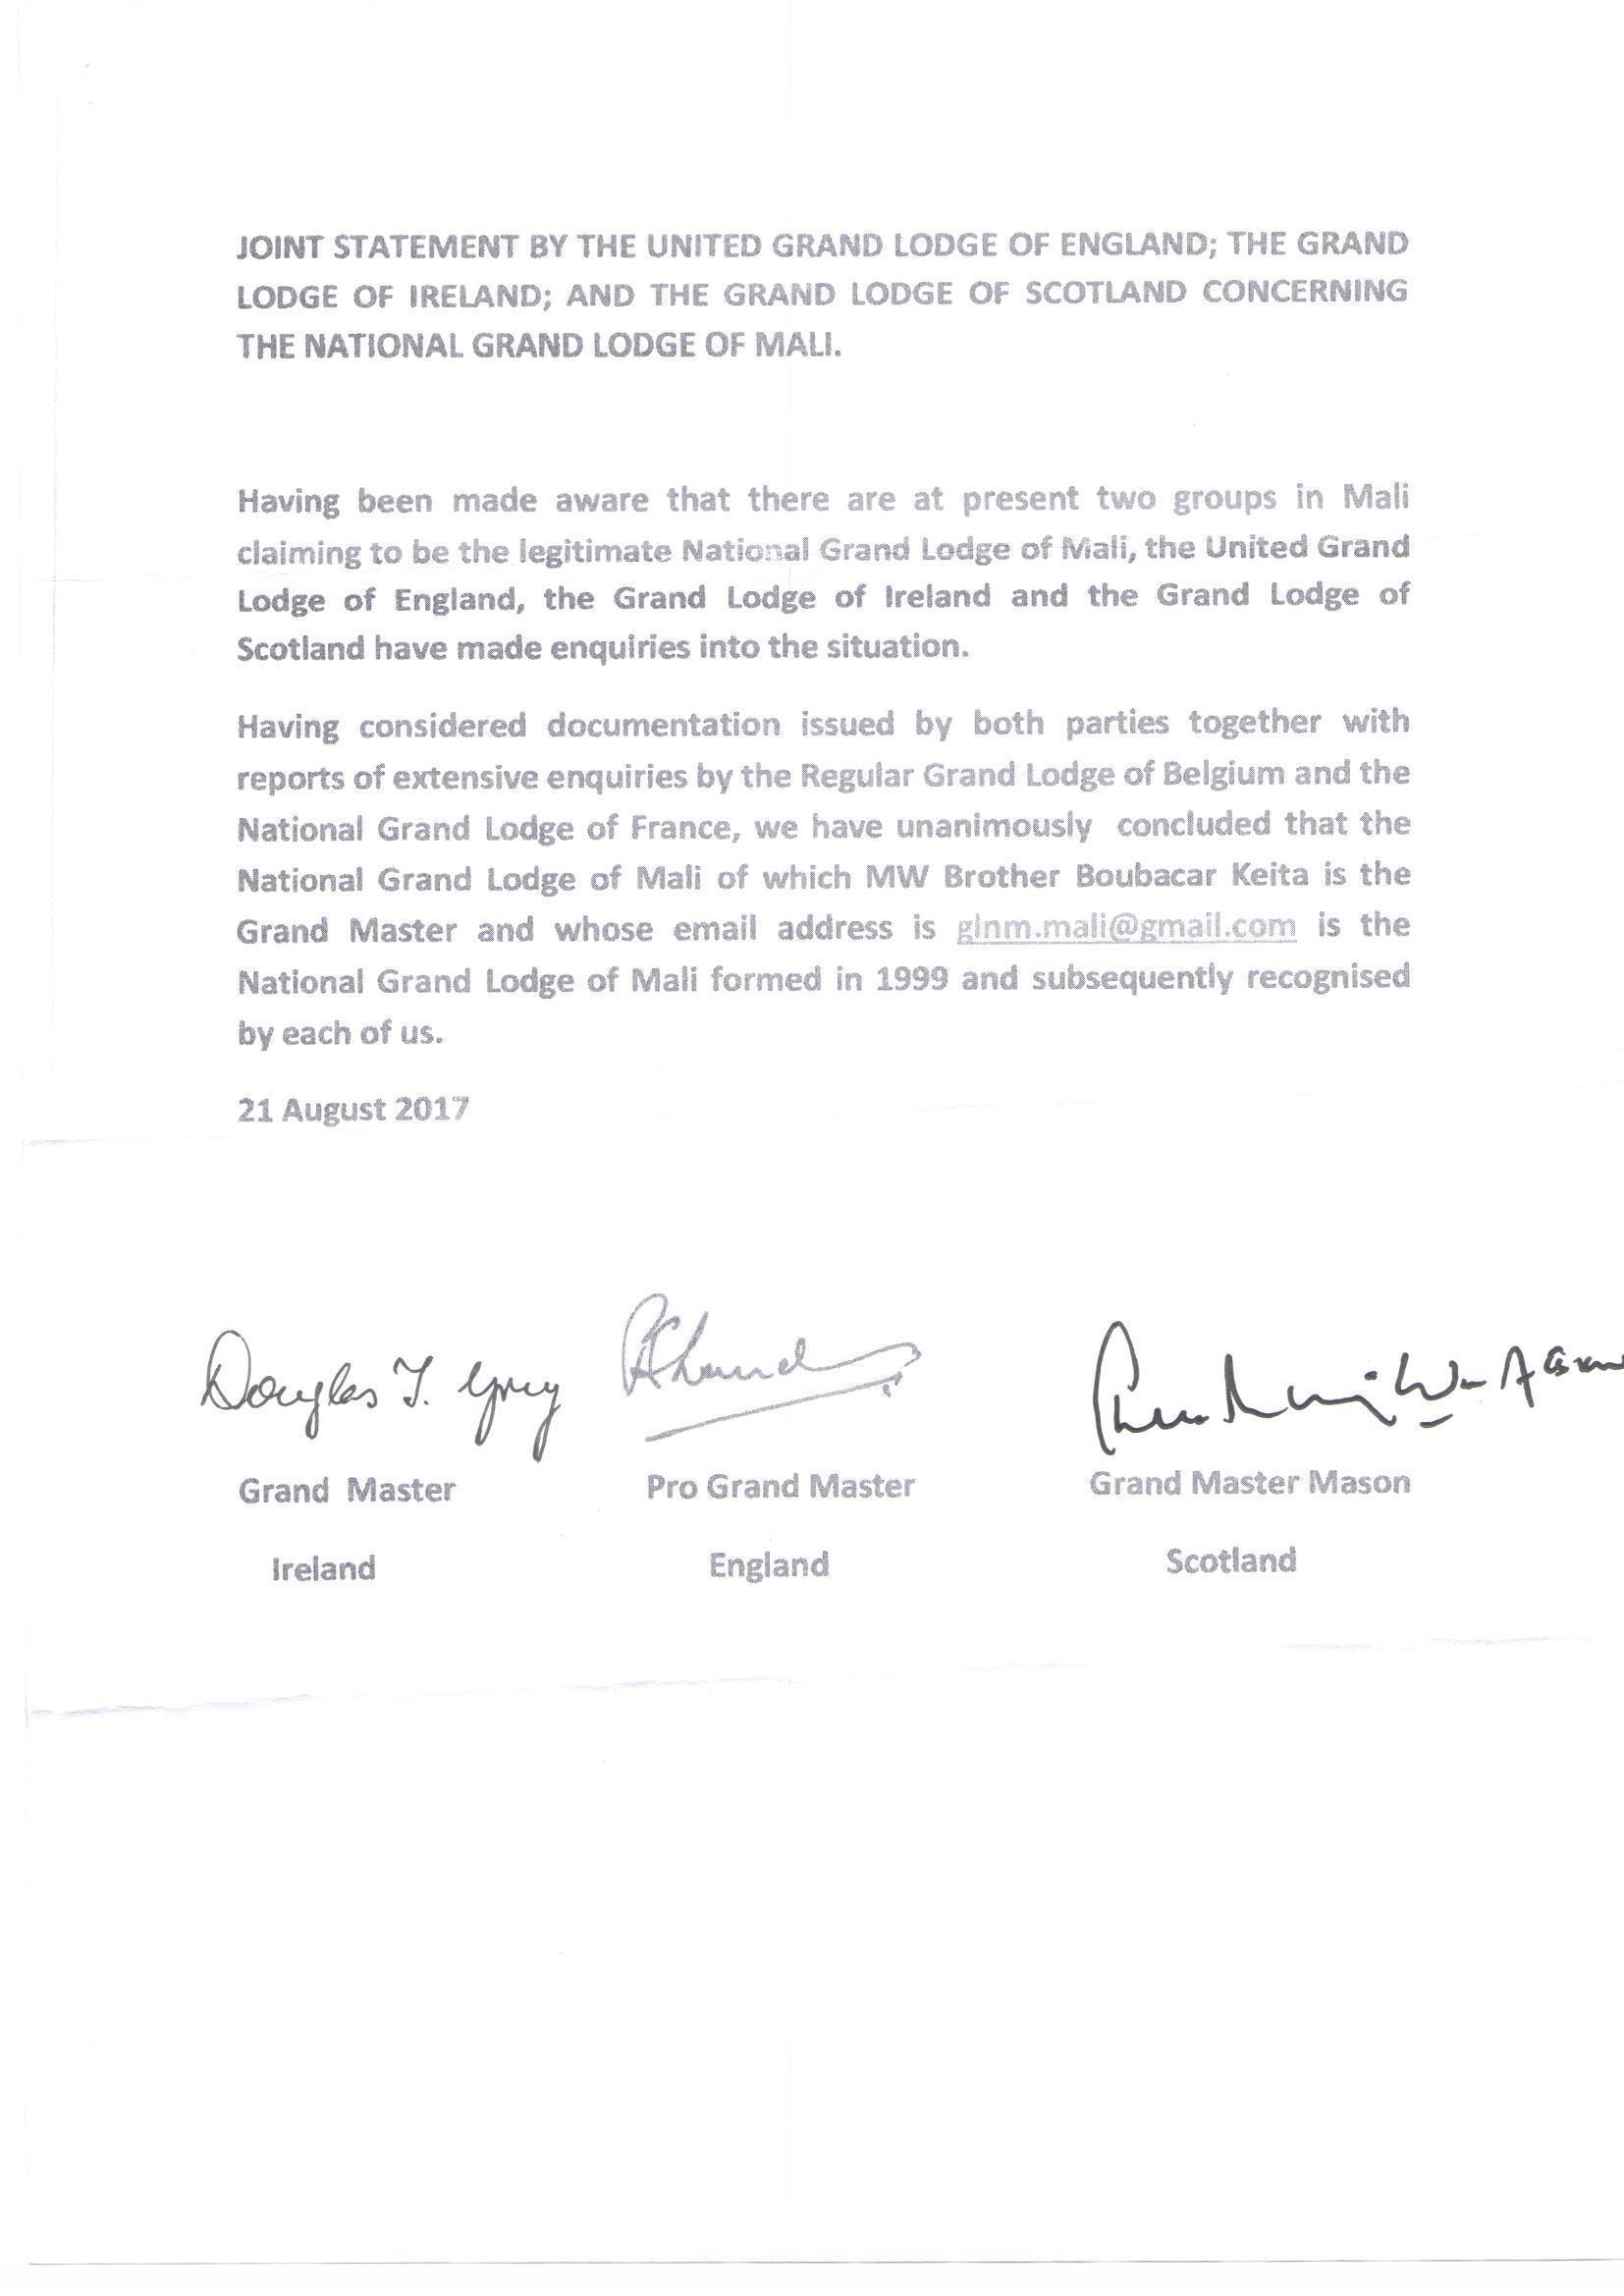 Communiqué de la grande loge d'Angleterre, d'Irlande et d'Ecosse reconnaissant Boubacar comme le Grand Maître de la GLNM, datant du 21 août 2017.